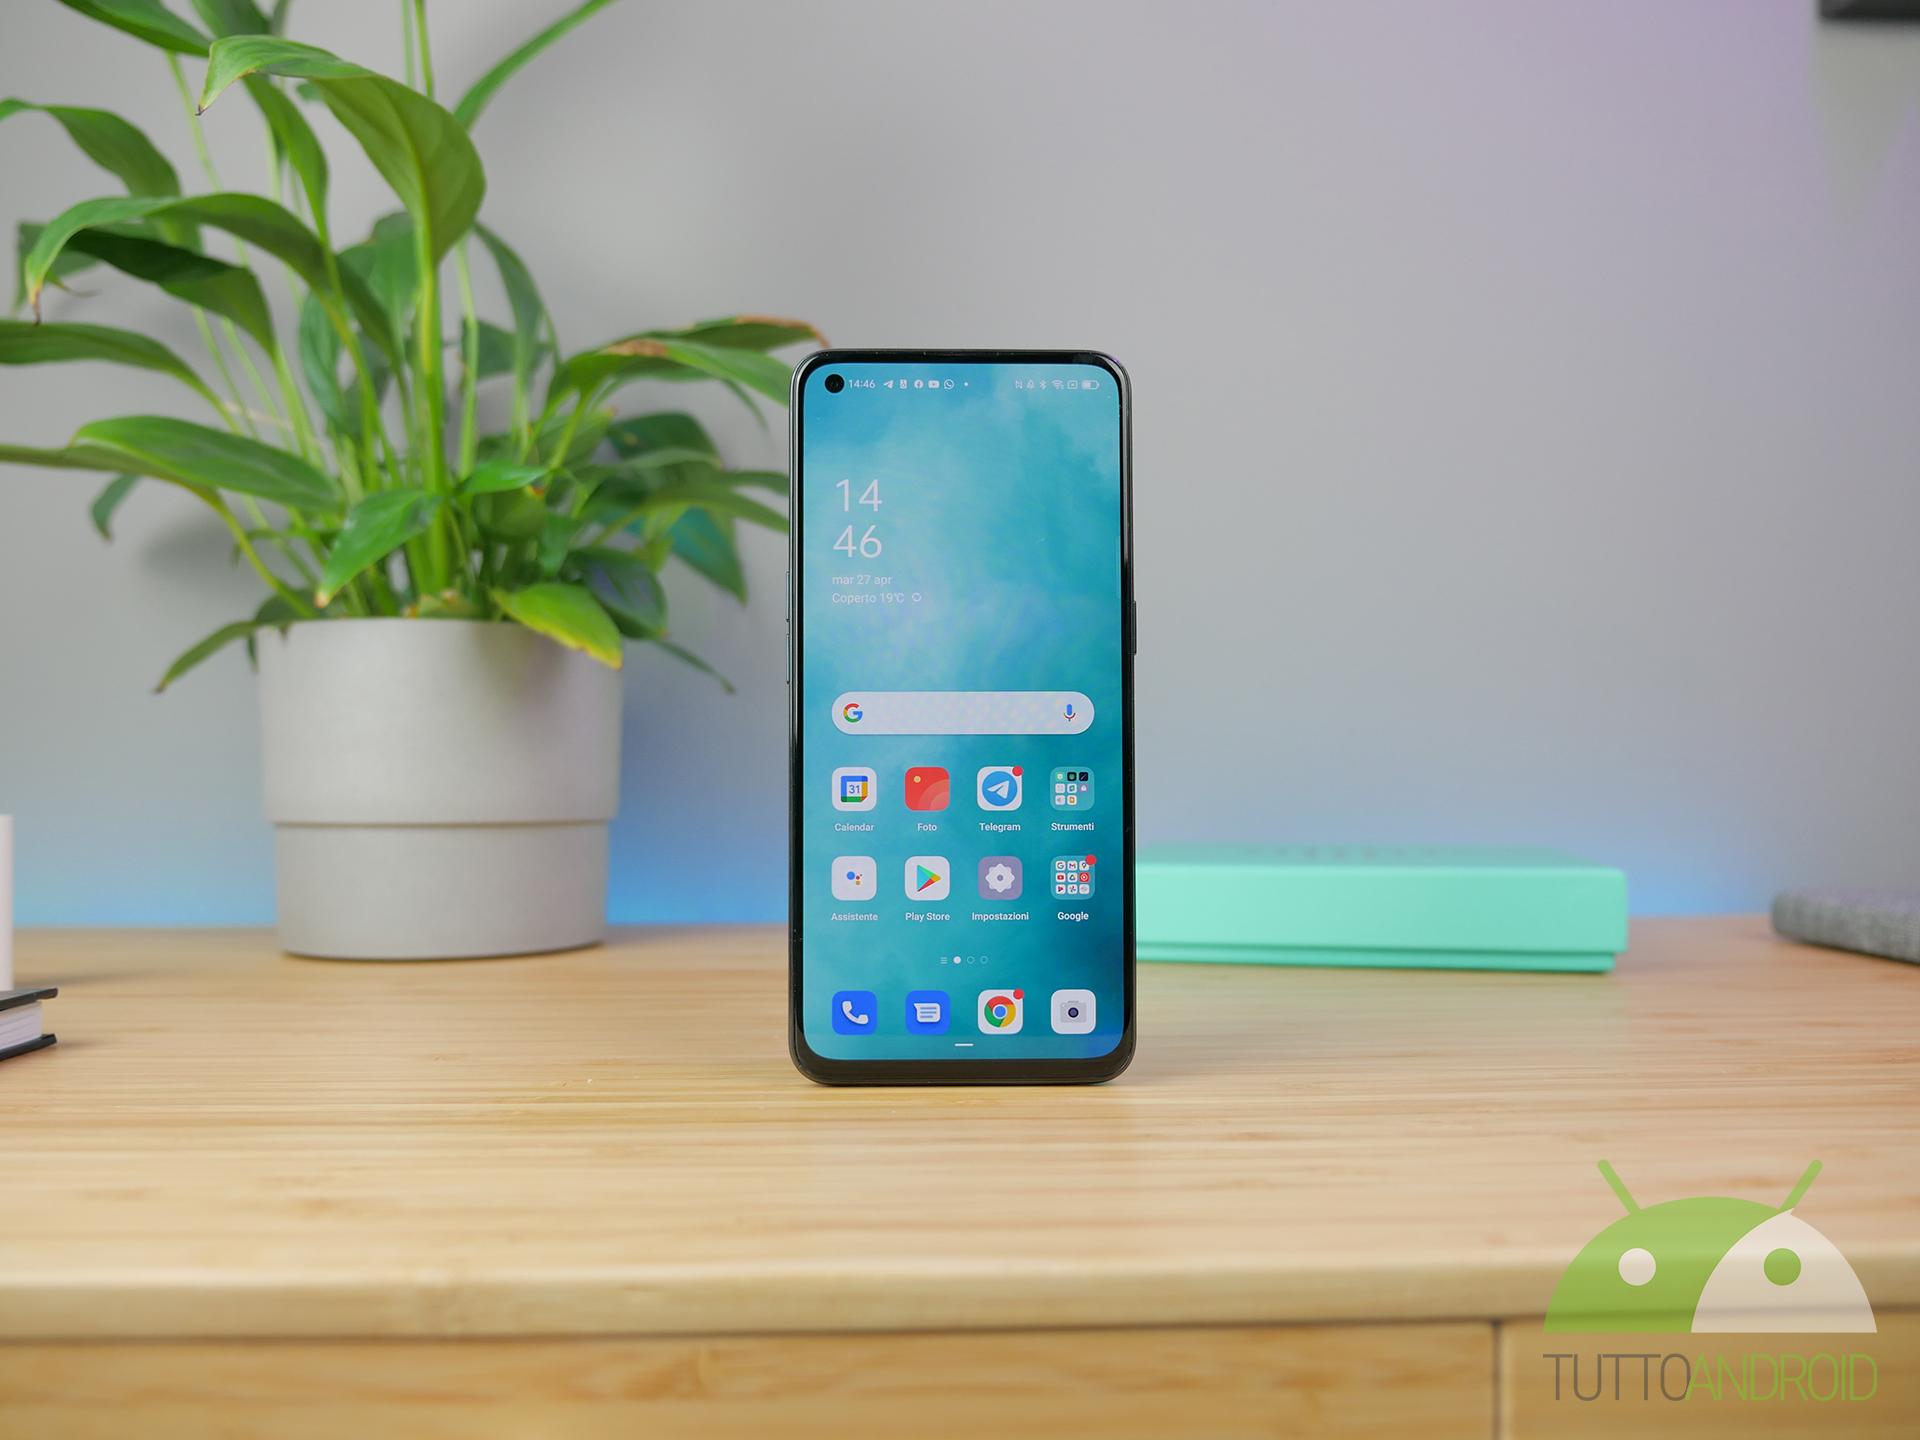 Recensione OPPO Reno4 Z 5G: il miglior smartphone a 250 euro!